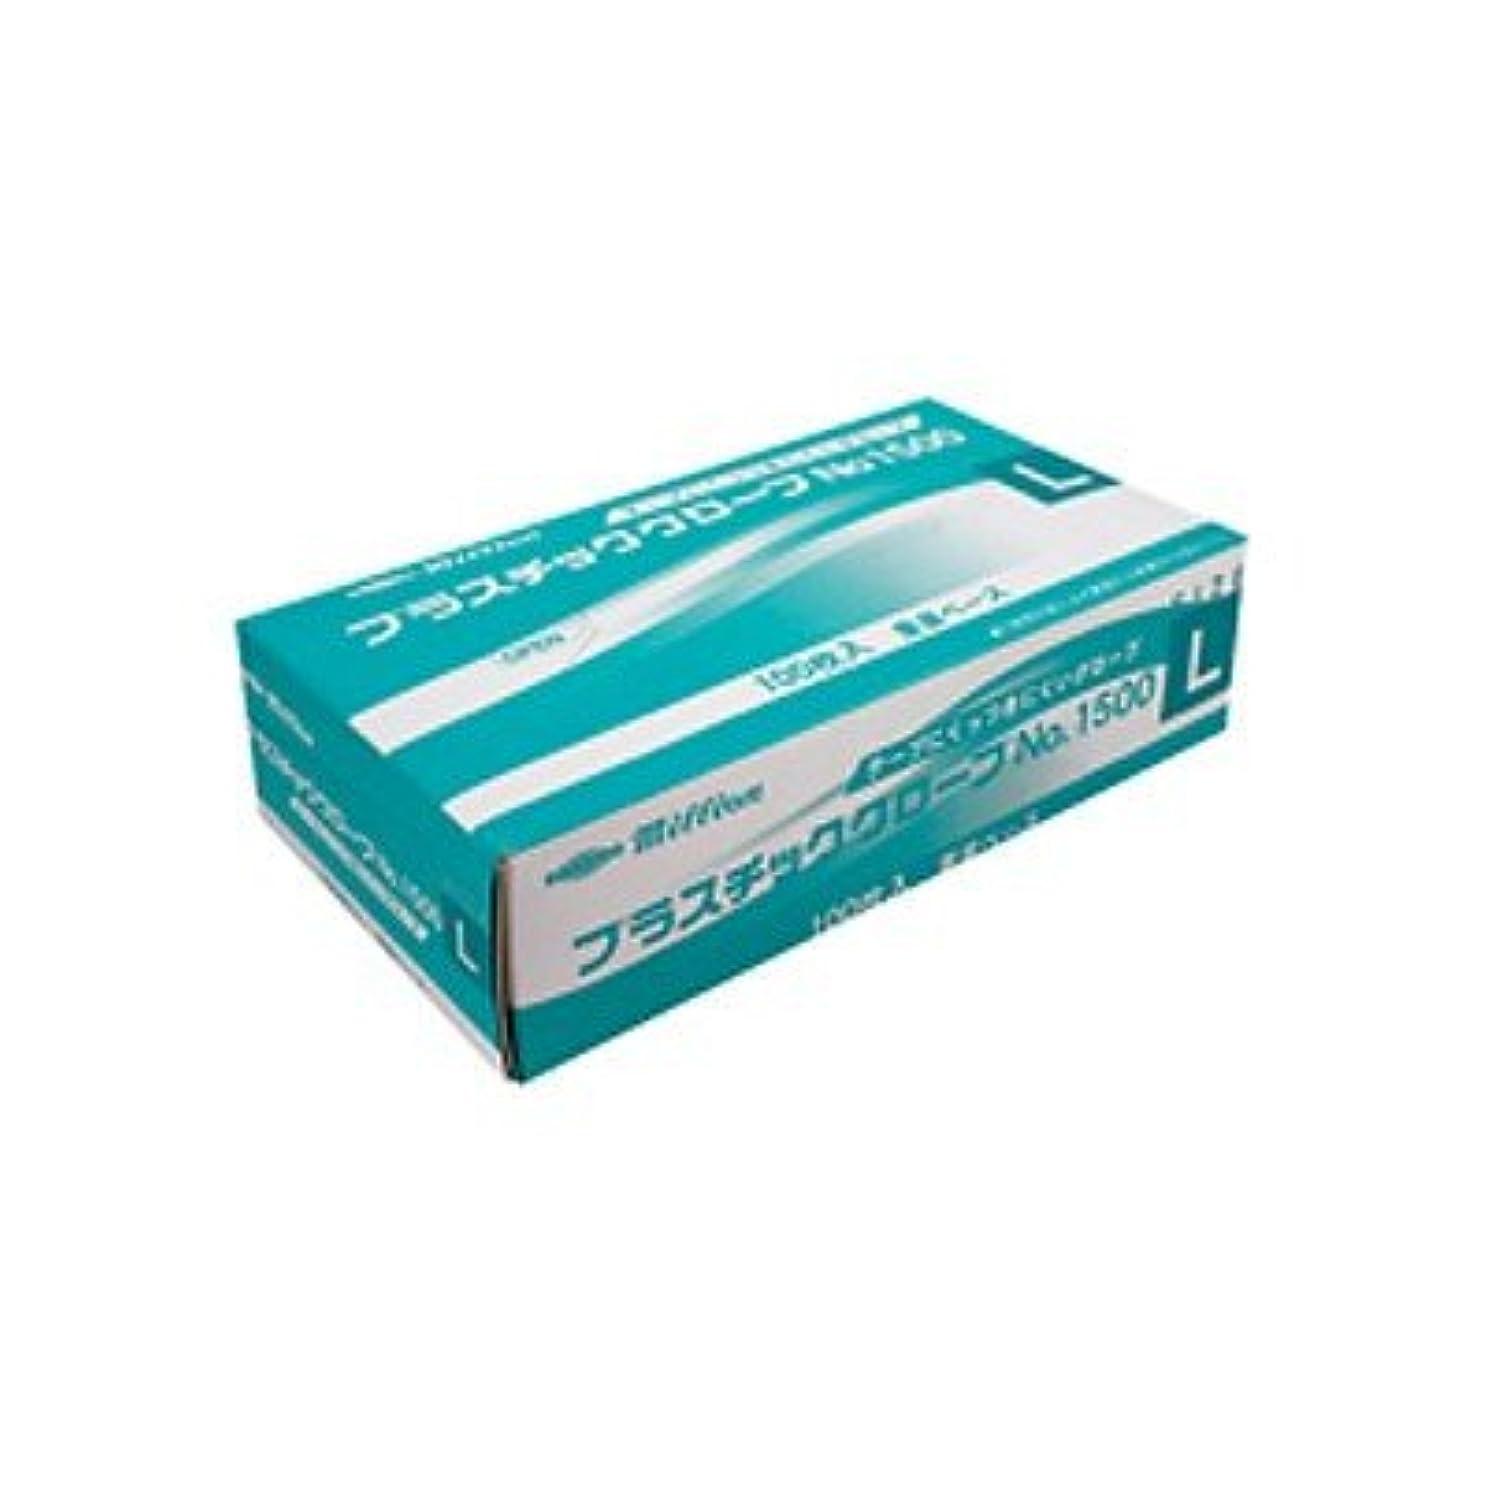 アッパー人類軍隊ミリオン プラスチック手袋 粉付No.1500 L 品番:LH-1500-L 注文番号:62741569 メーカー:共和